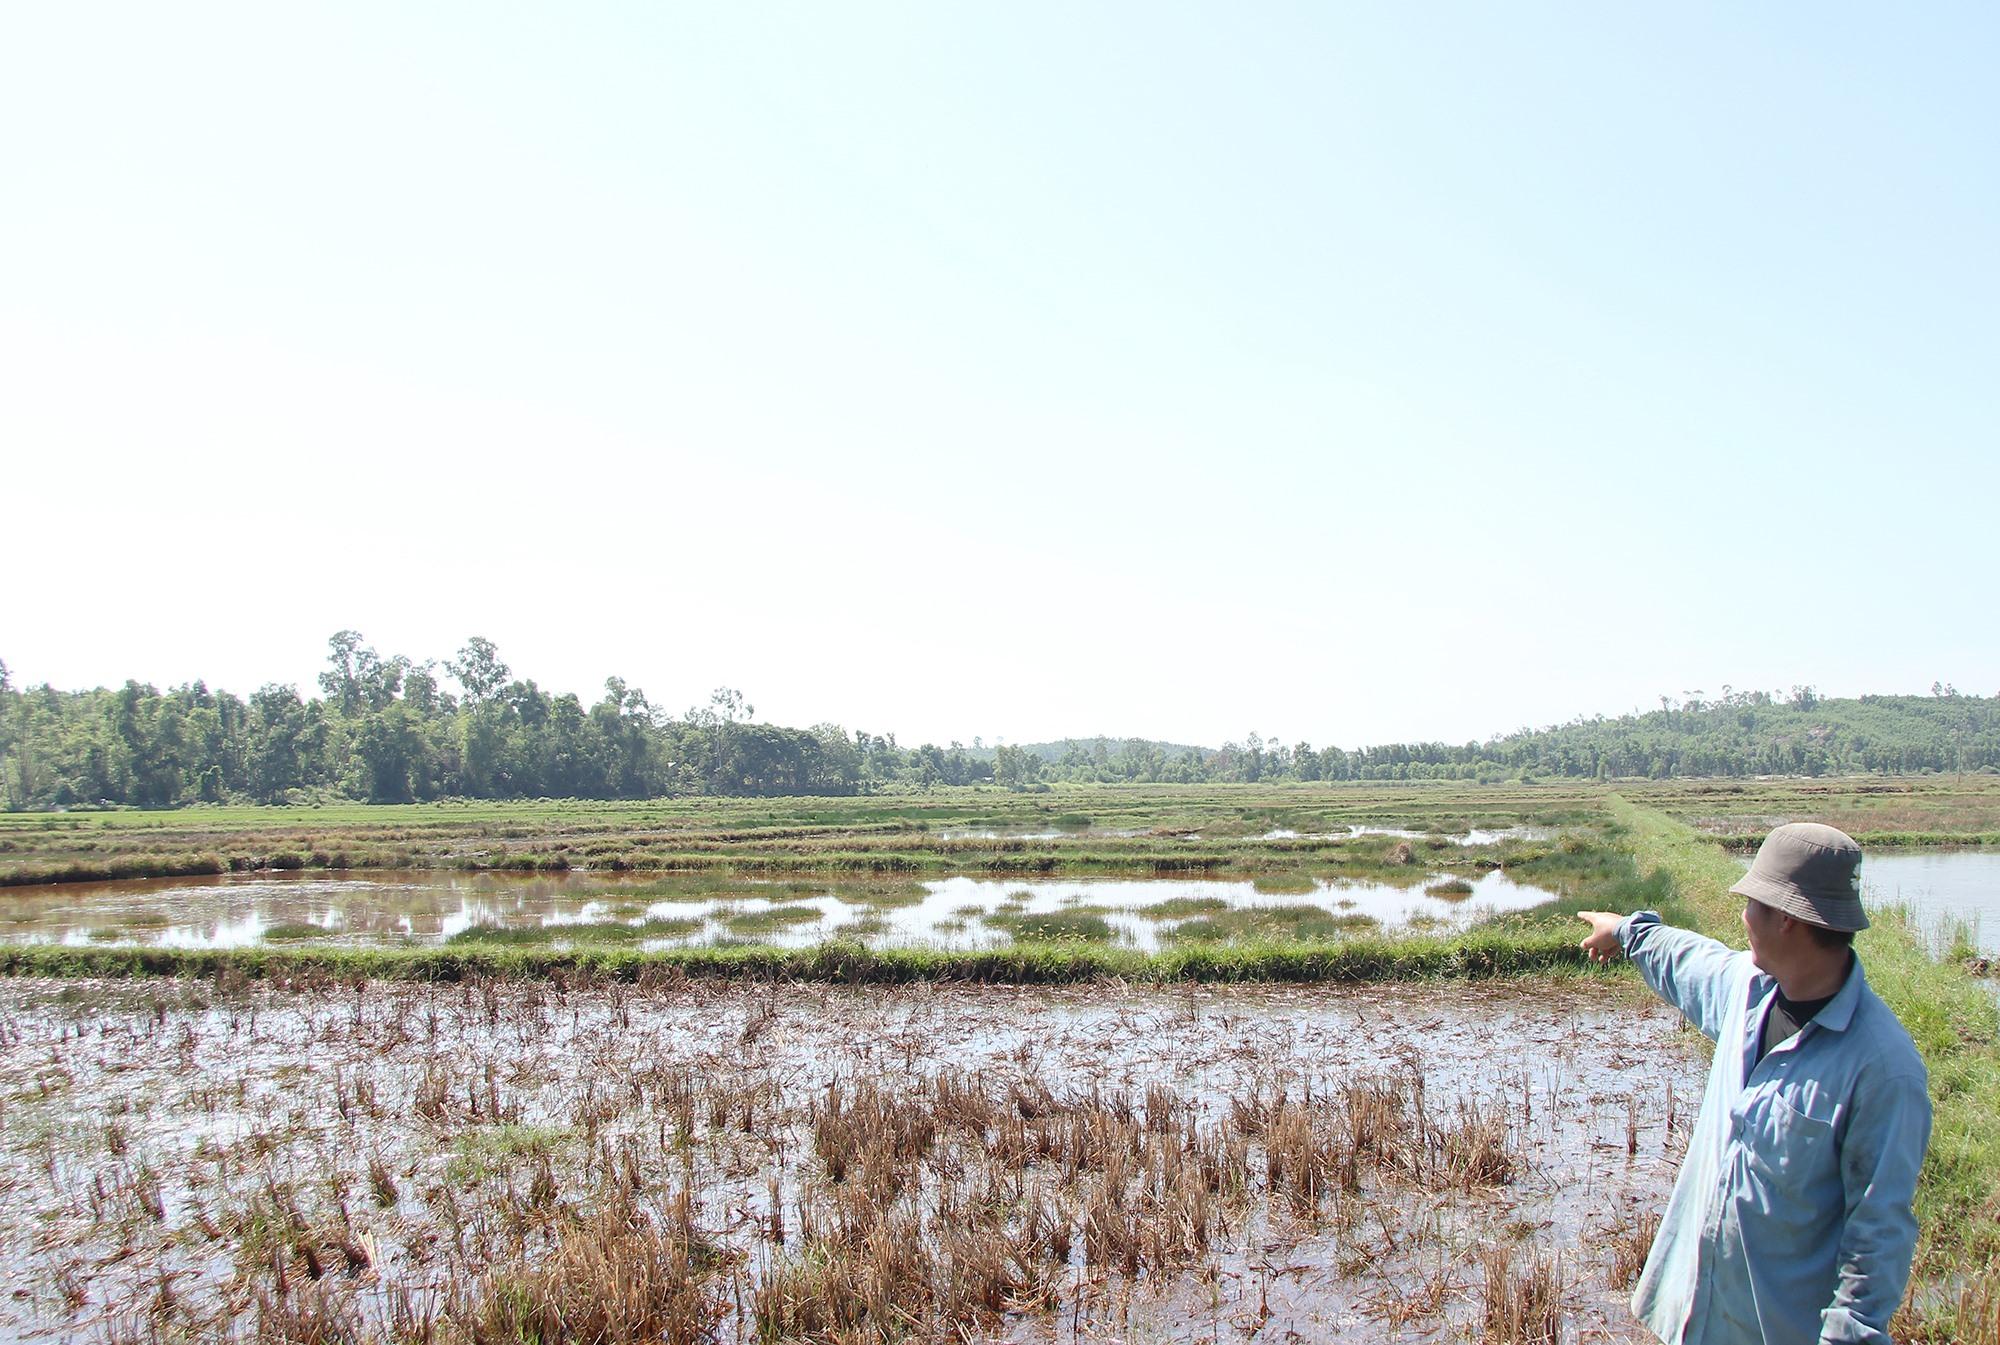 Phát triển cây dừa nước giúp chống xâm nhập mặn, bảo vệ đồng ruộng của người dân. Ảnh: H.Q